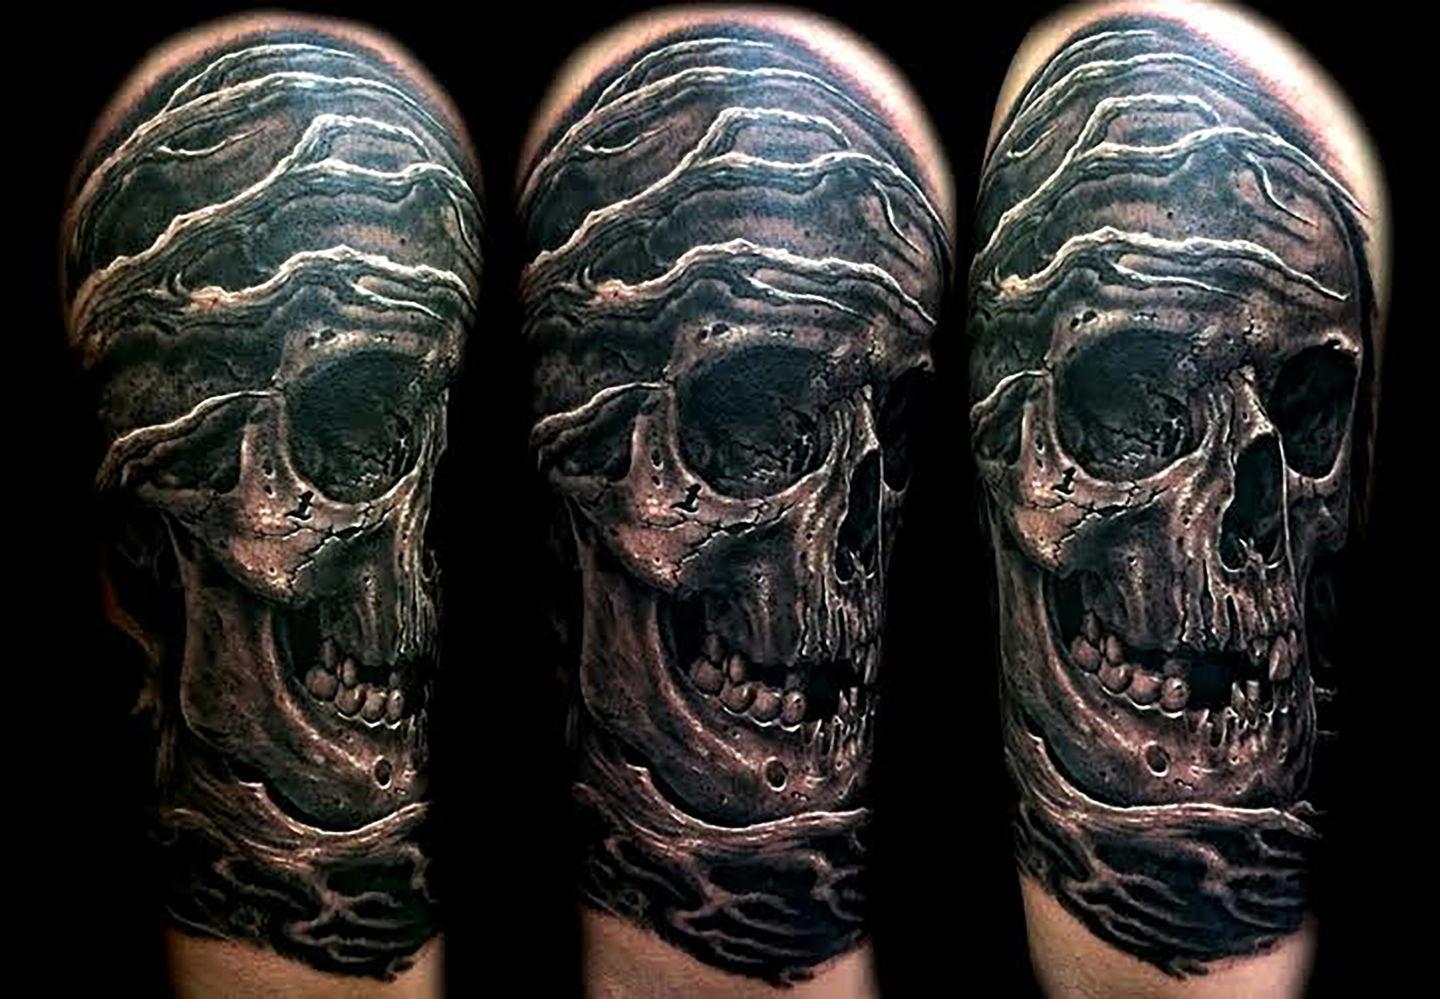 Las-vegas-tattoo-artist_joe-riley_skull-tree-half-sleeve